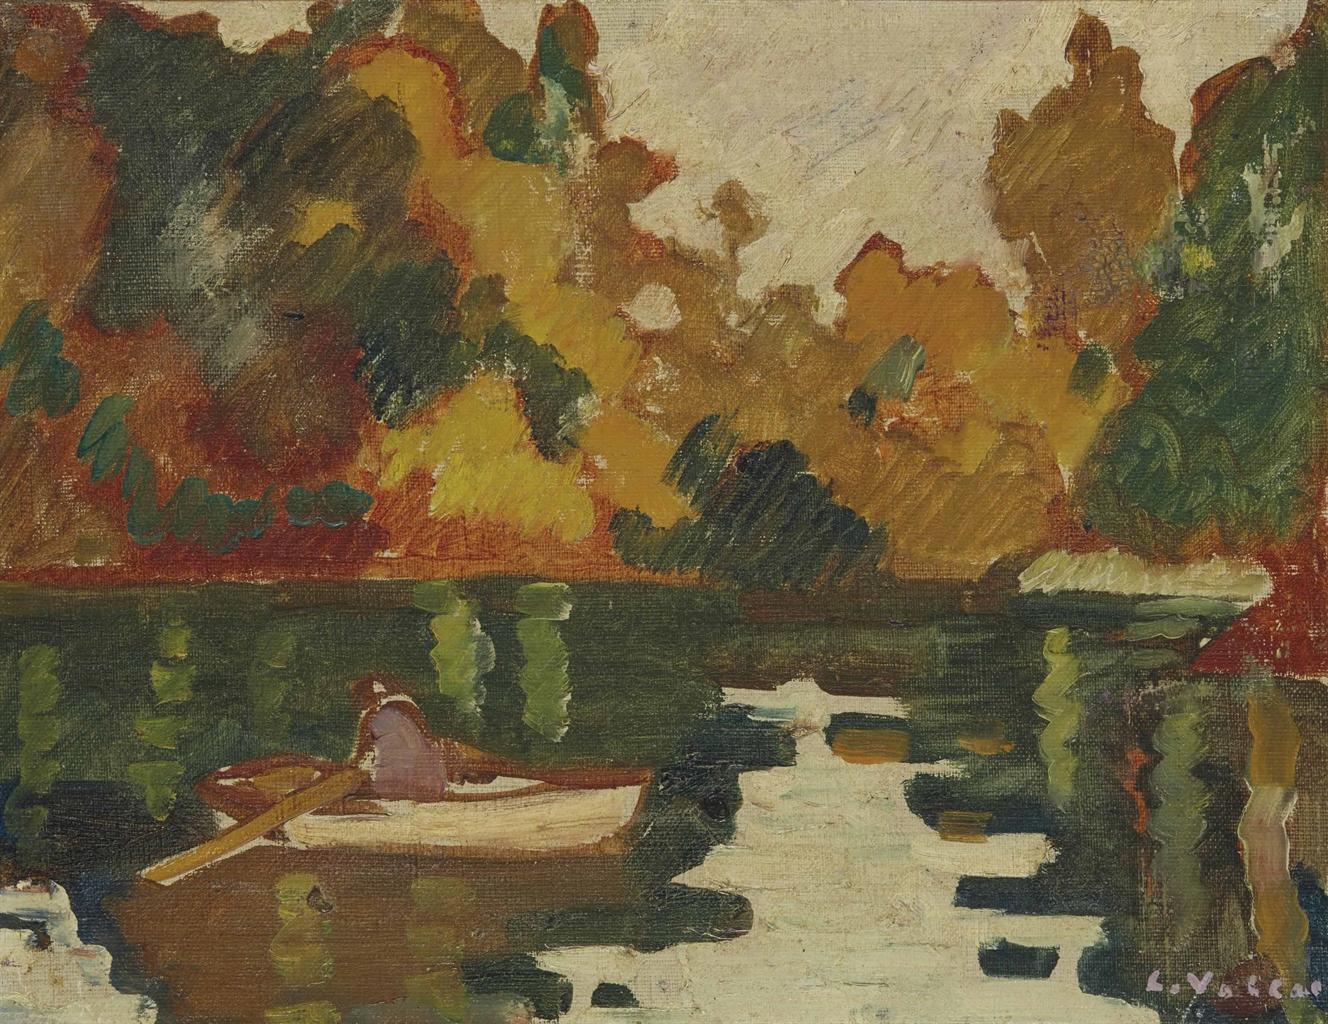 Louis Valtat-Barque sur le lac du bois de Boulogne, automne-1930